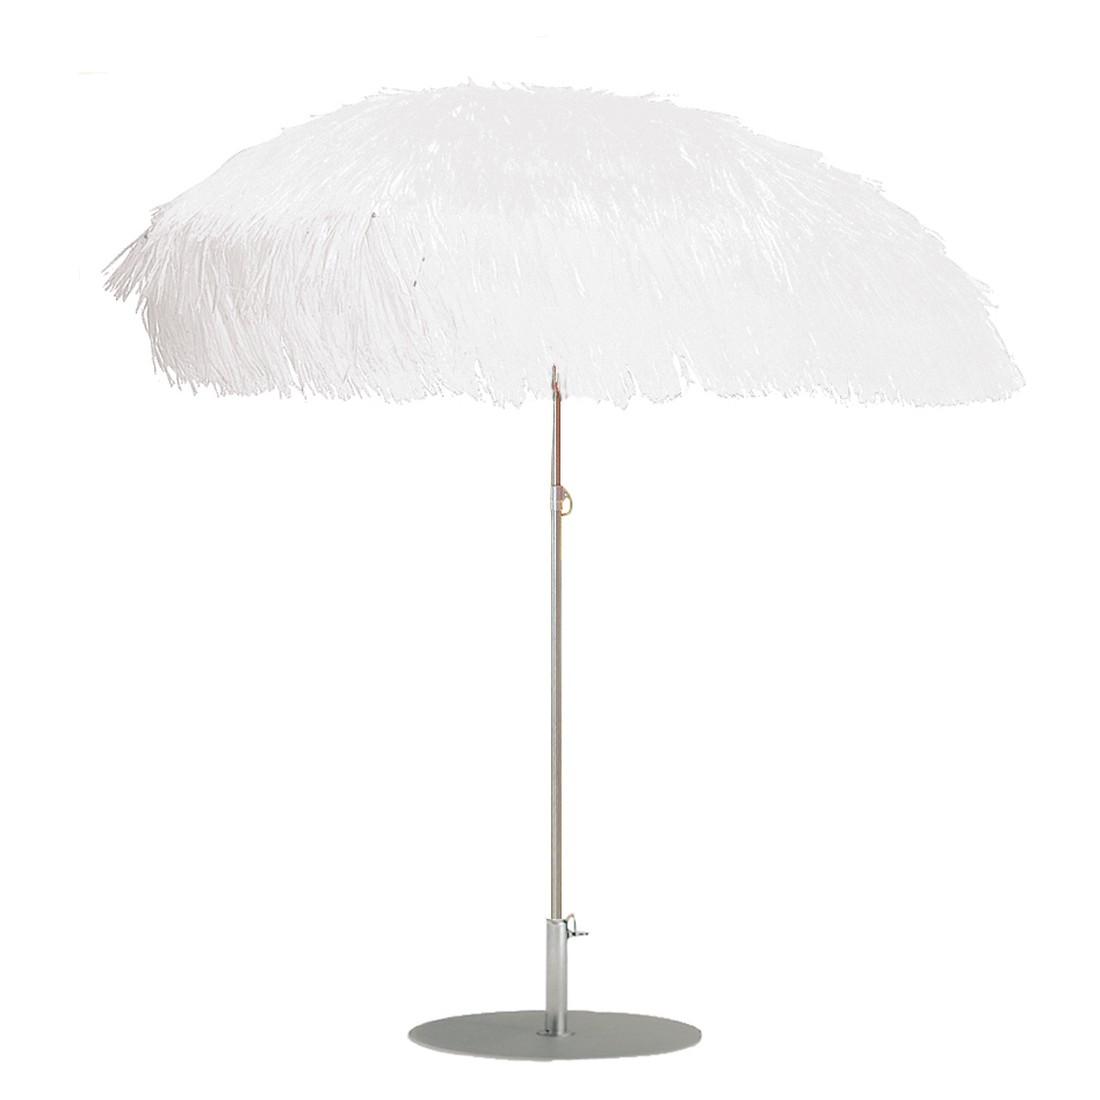 Sonnenschirm Hawaii mit Knickgelenk - Stahlrohr Weiß, Jan Kurtz